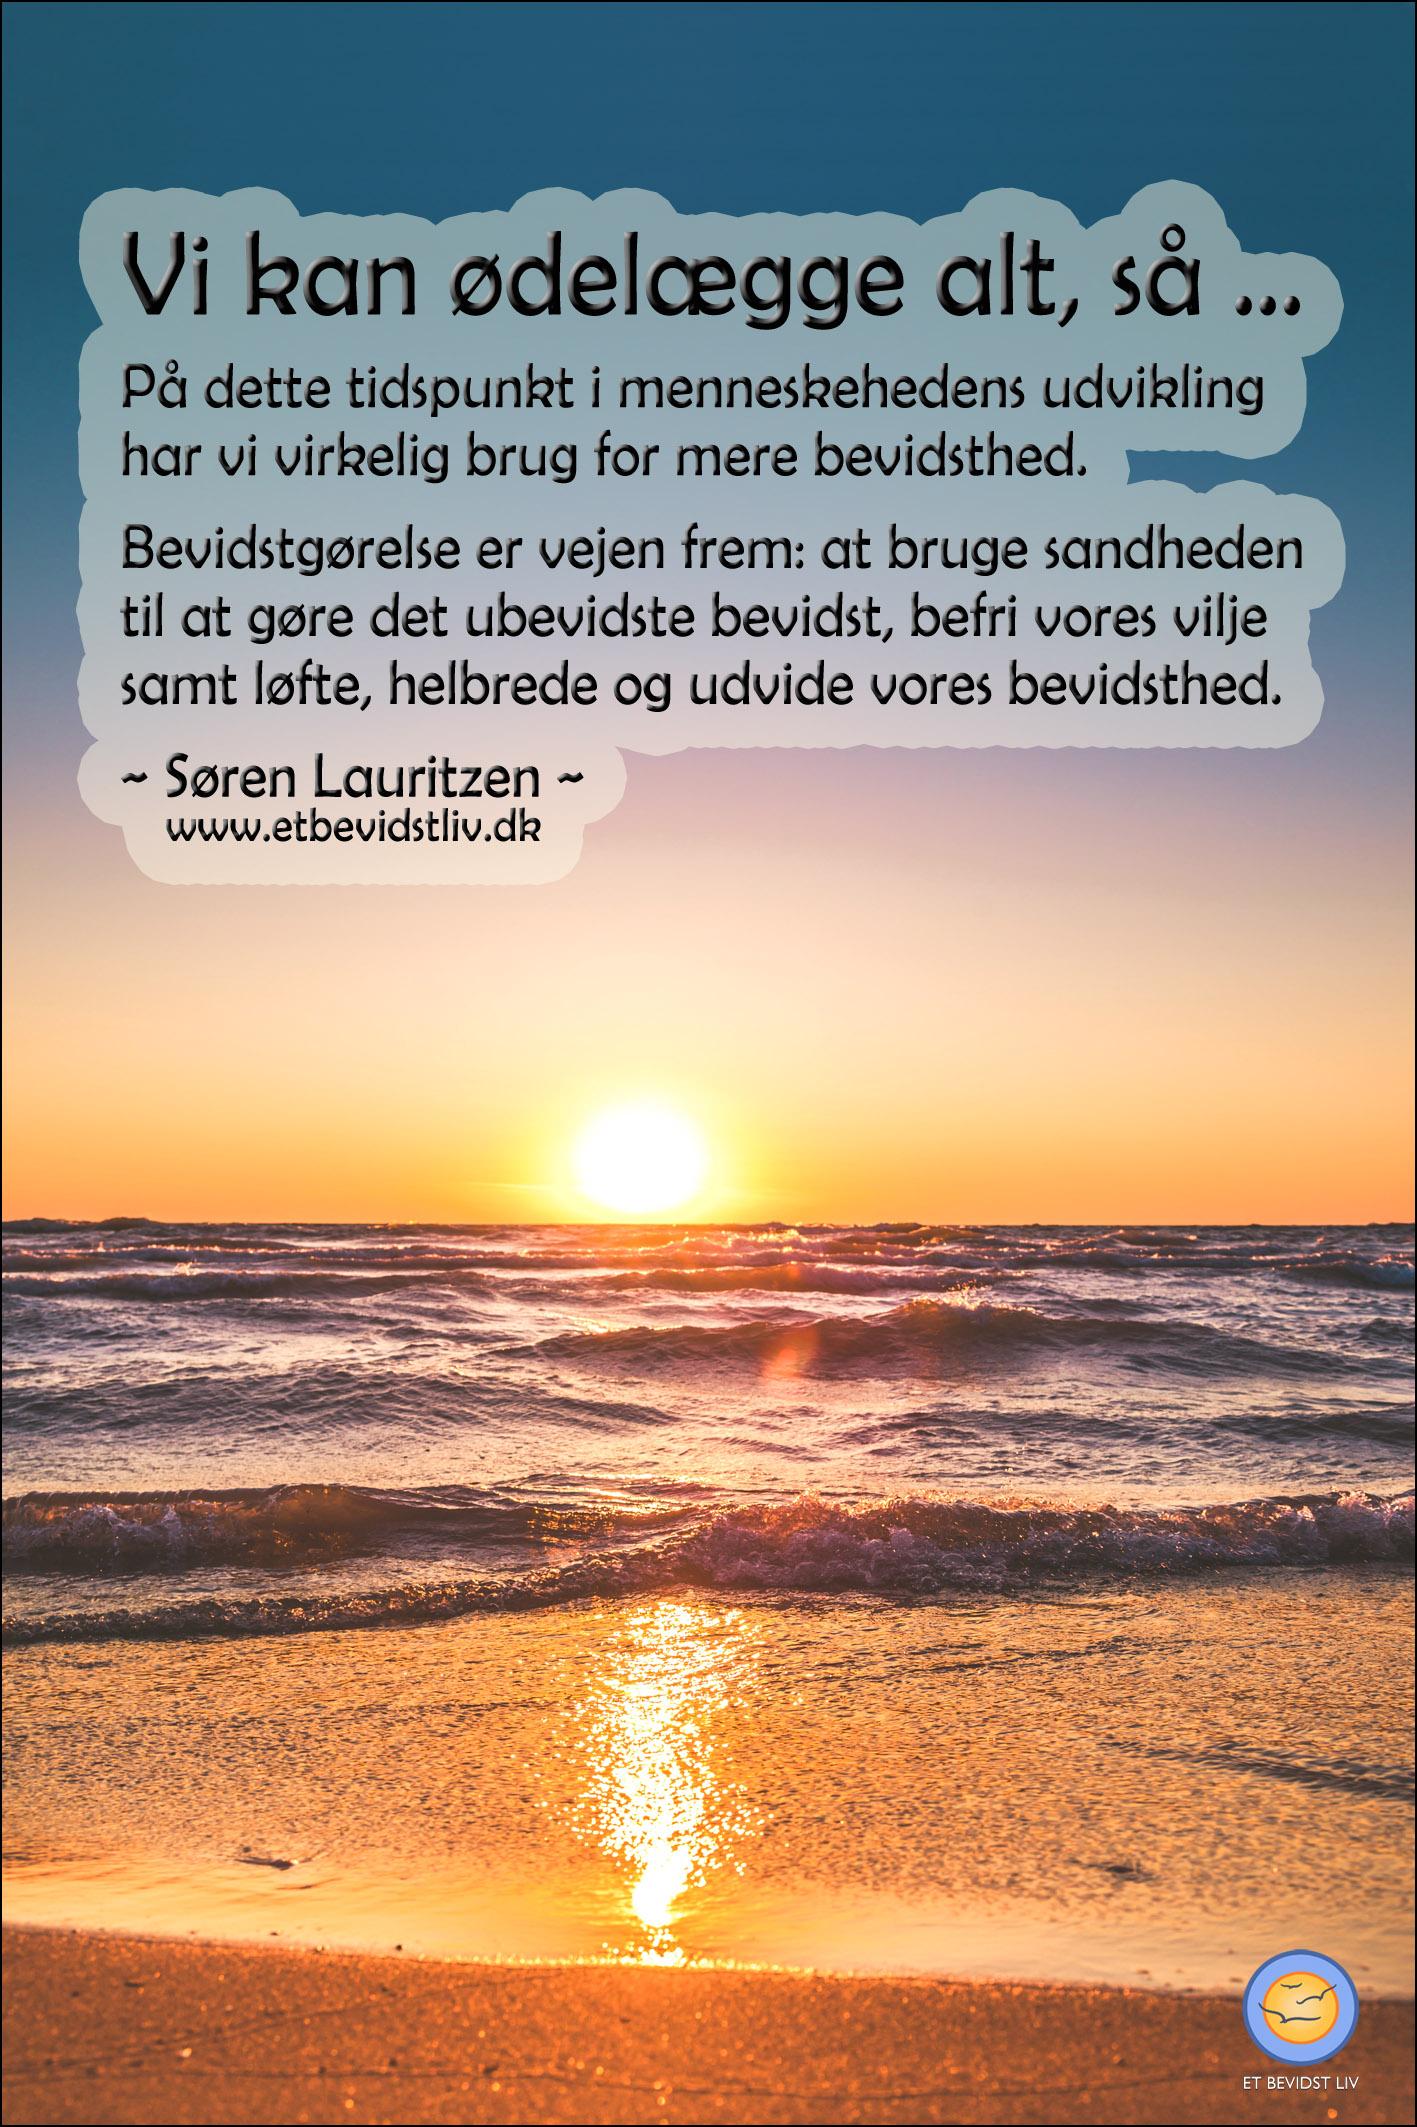 Foto: Vid udsigt over havet i en begyndende solnedgang. Tekst: Vi mennesker kan ødelægge os selv, så vi har virkelig brug for mere bevidsthed og vilje. (Søren Lauritzen)